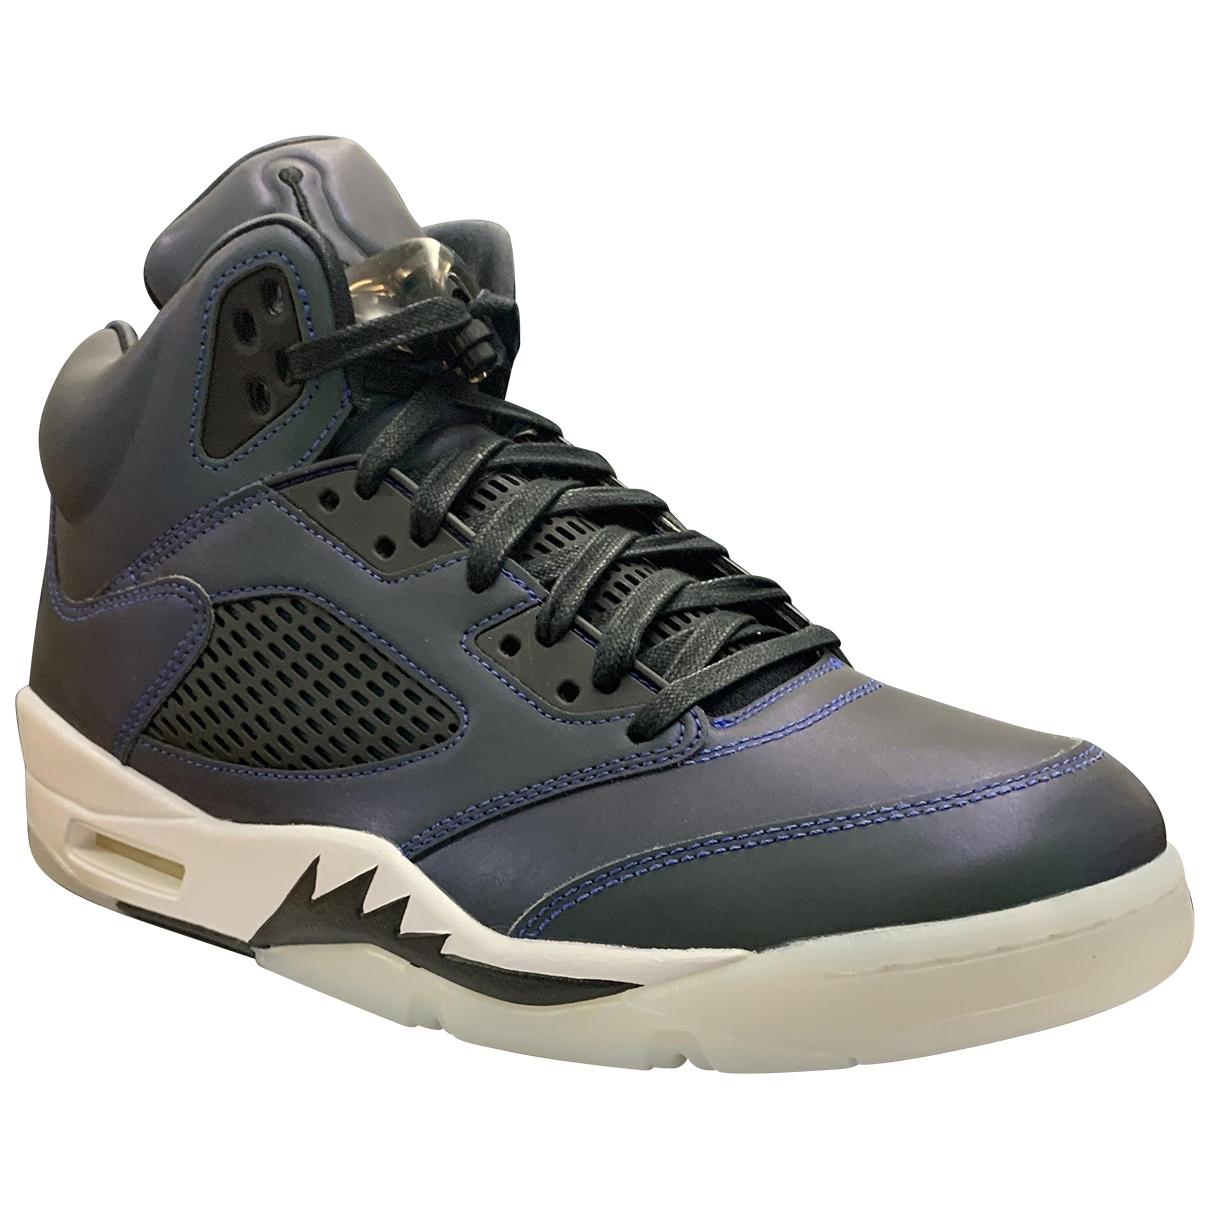 Jordan - Baskets Air Jordan 5 pour homme en cuir - gris